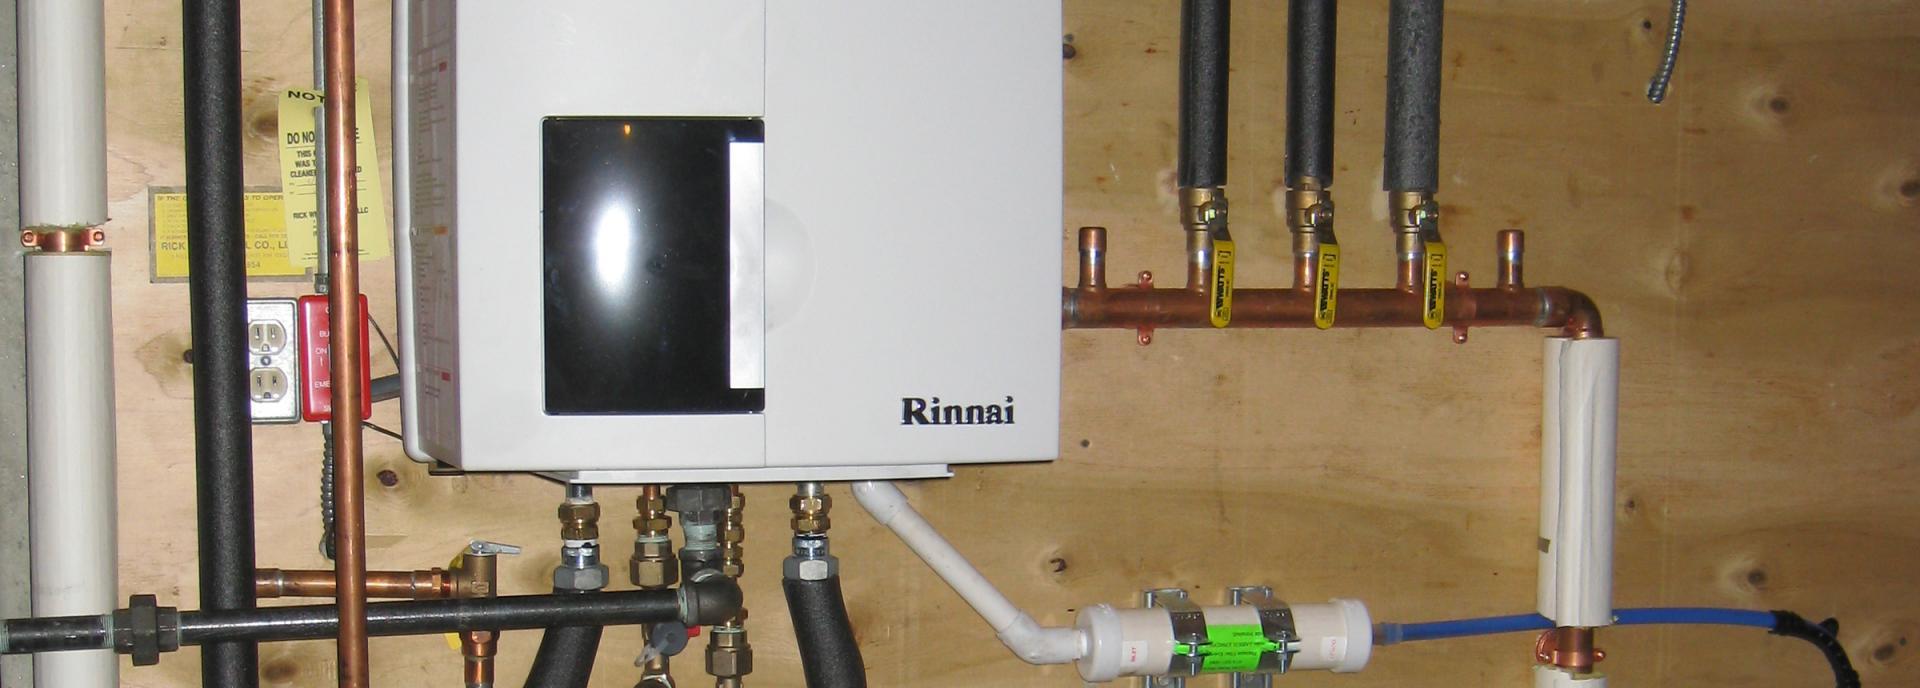 understanding a boiler install [ 1920 x 688 Pixel ]